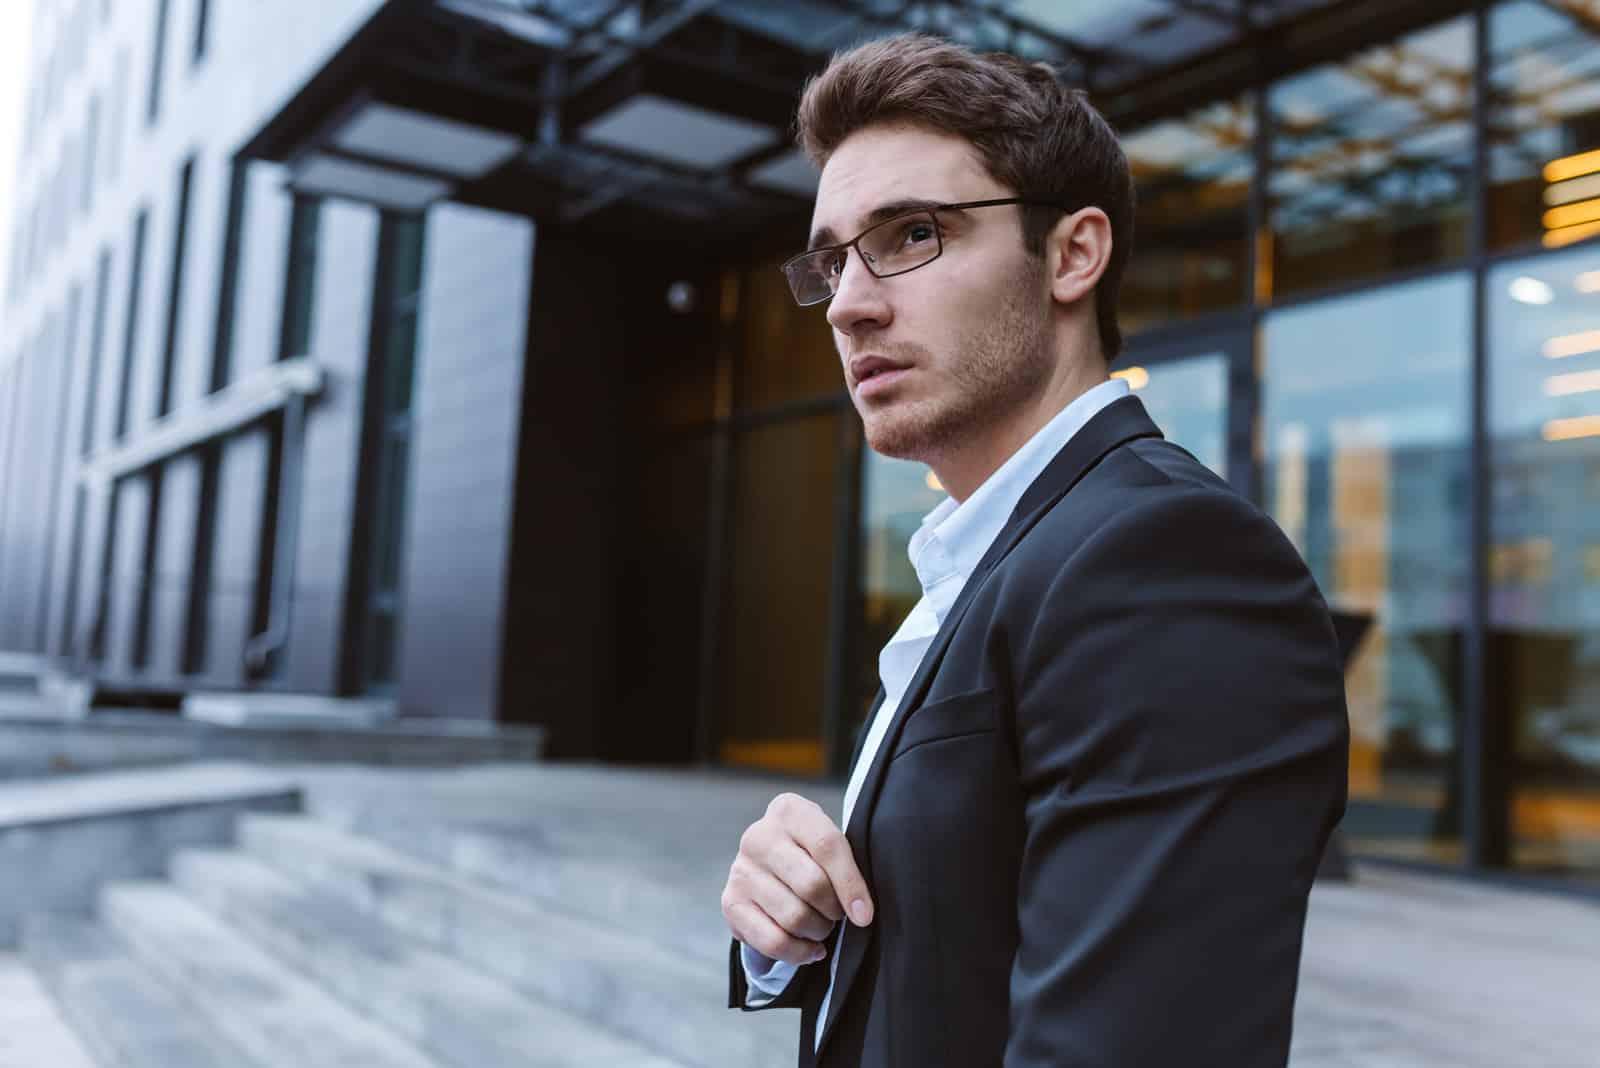 Geschäftsmann in Anzug und Brille seitlich stehend